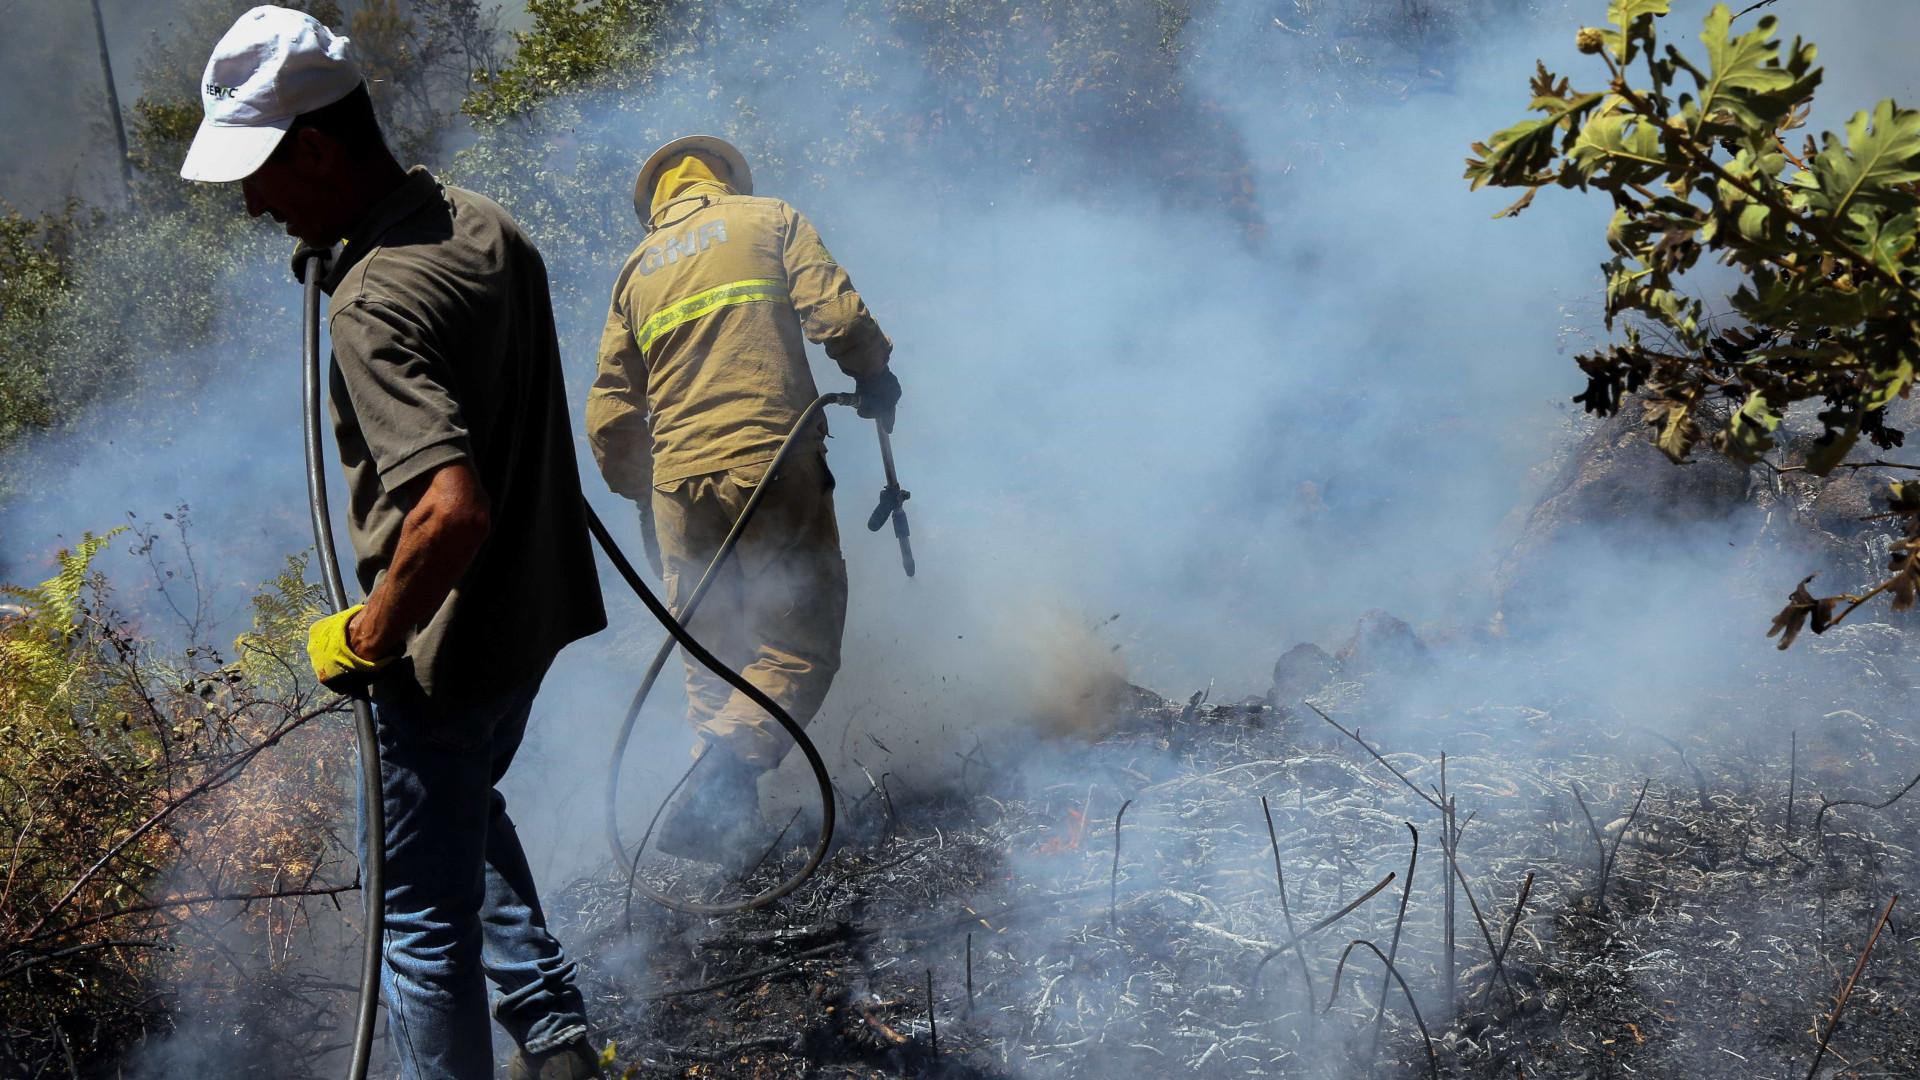 Reacendimento na Covilhã exige intervenção de 400 bombeiros